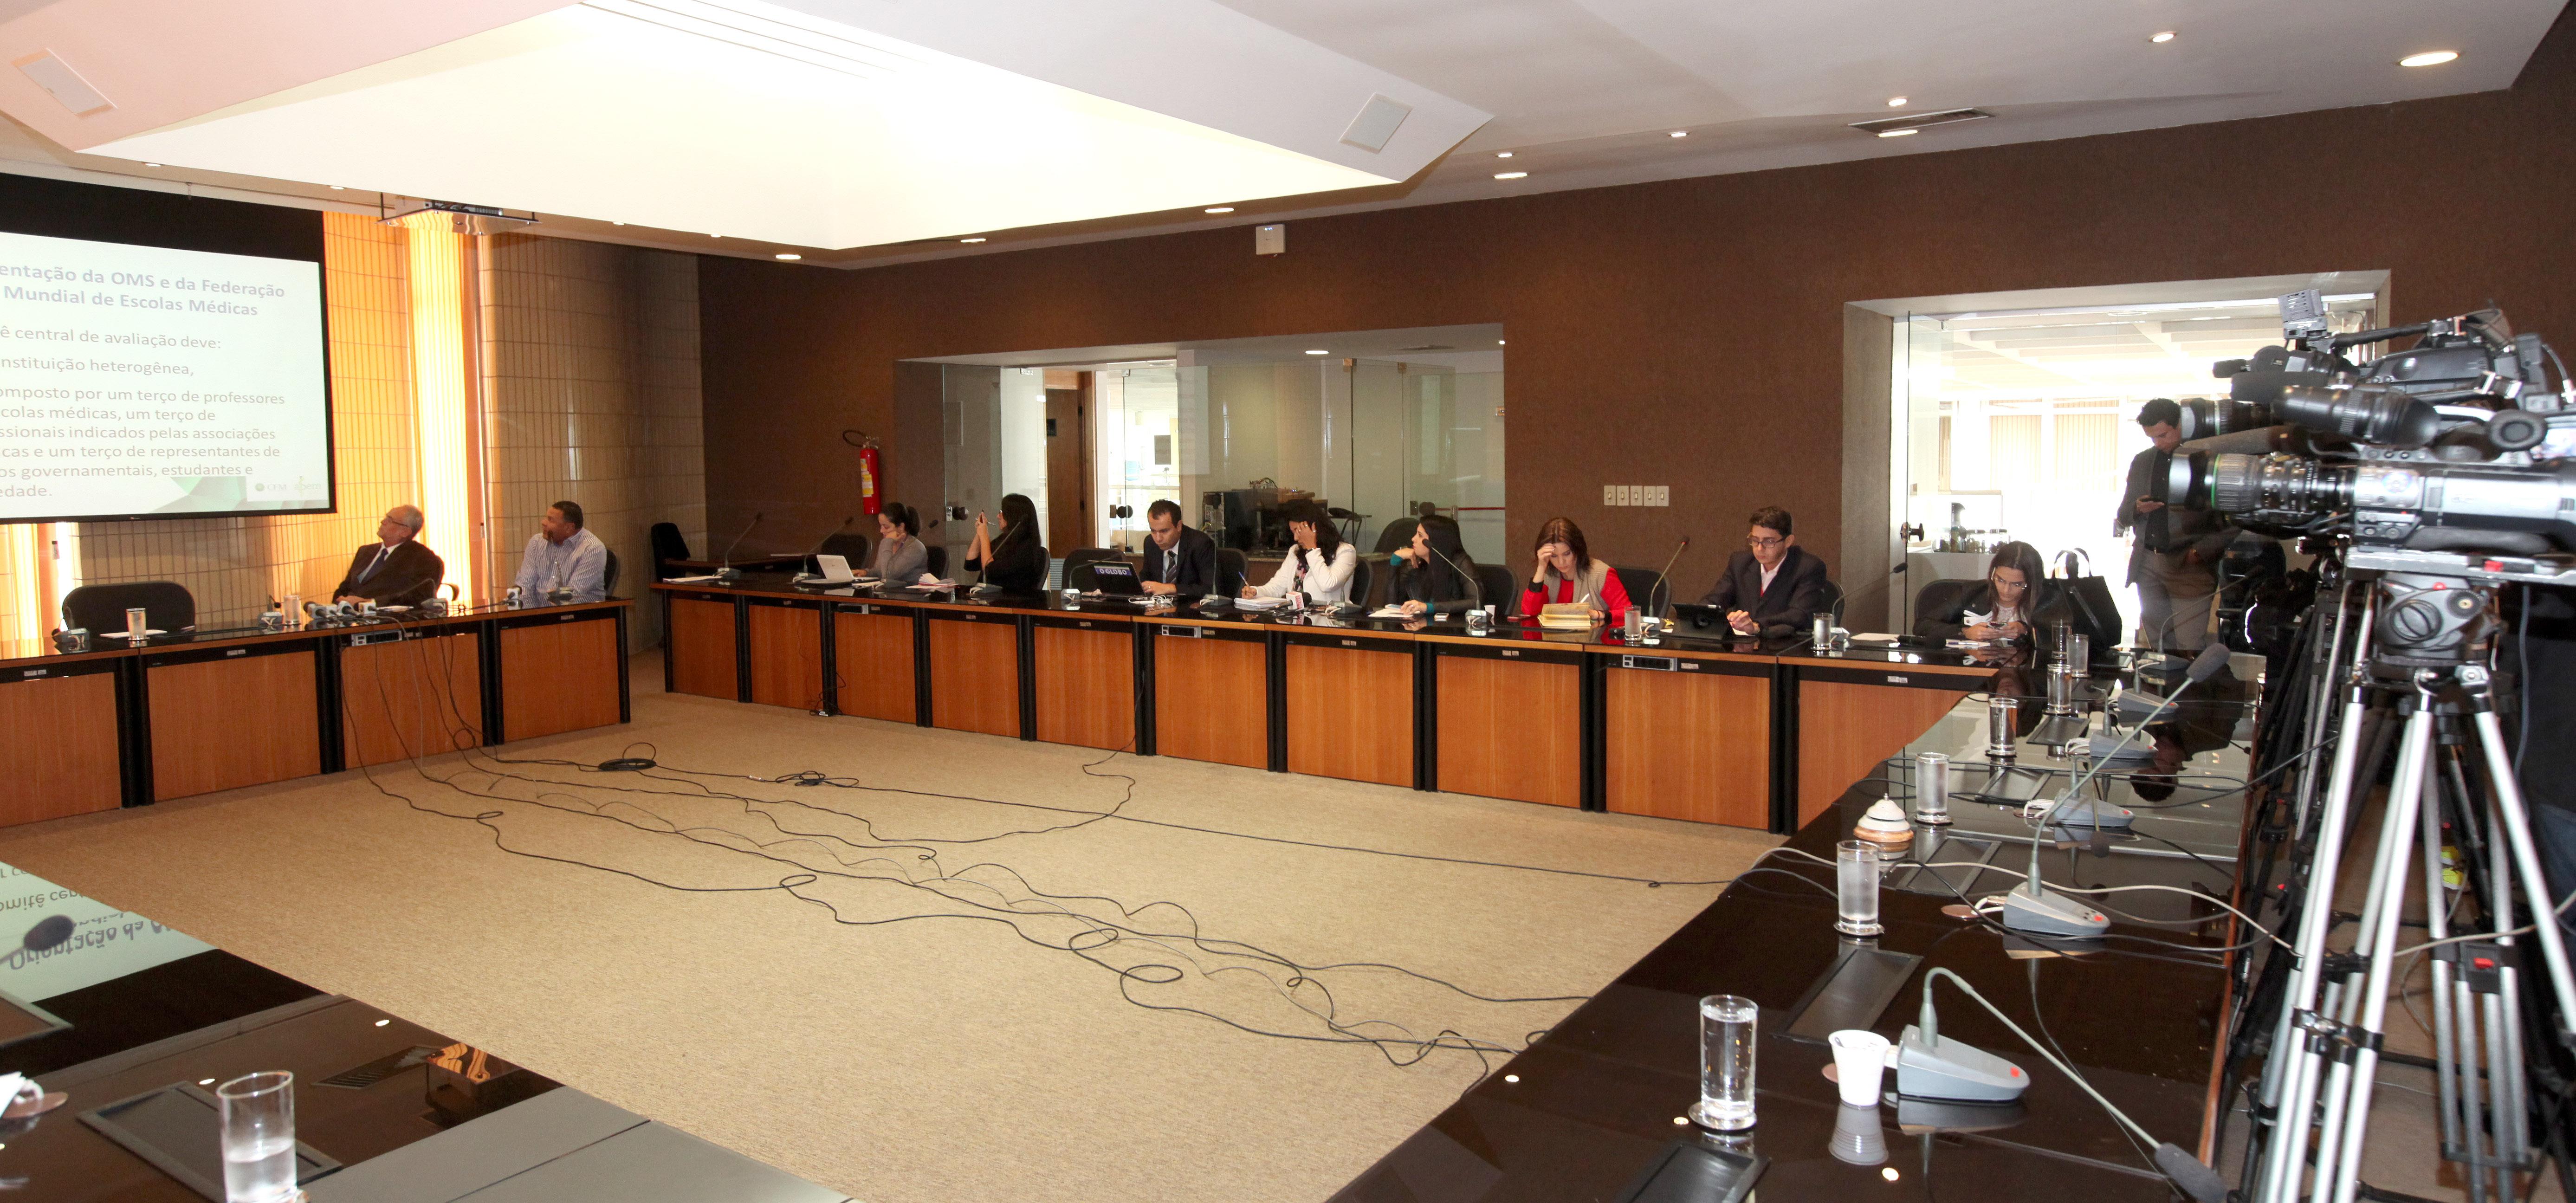 O Sistema de Avaliação de Cursos foi apresentado à imprensa